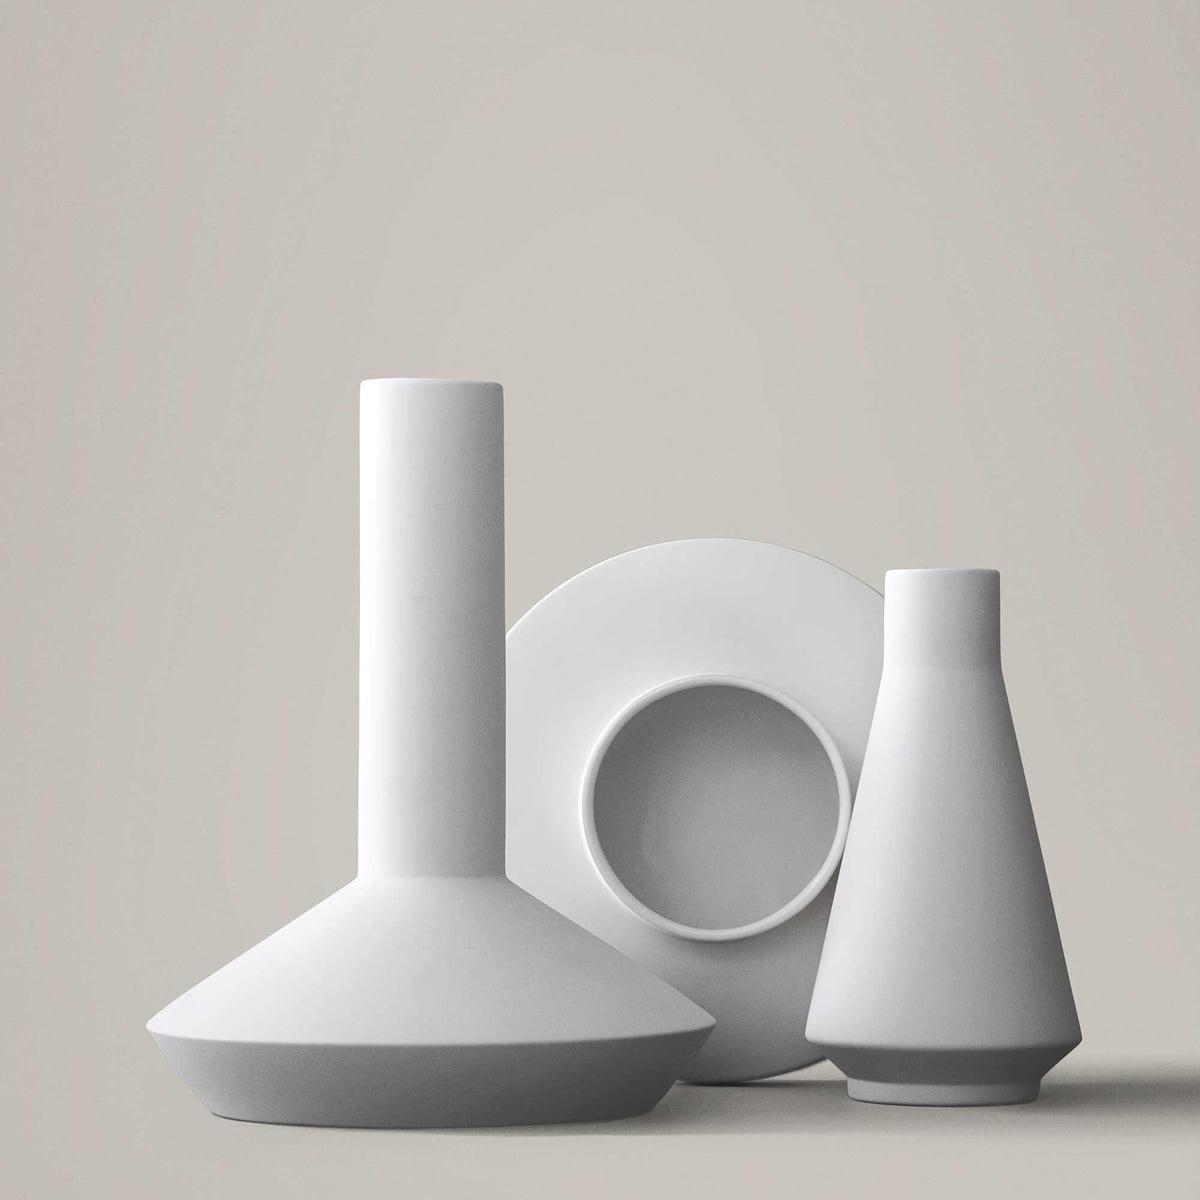 vases 2 vase by karakter in the shop online. Black Bedroom Furniture Sets. Home Design Ideas